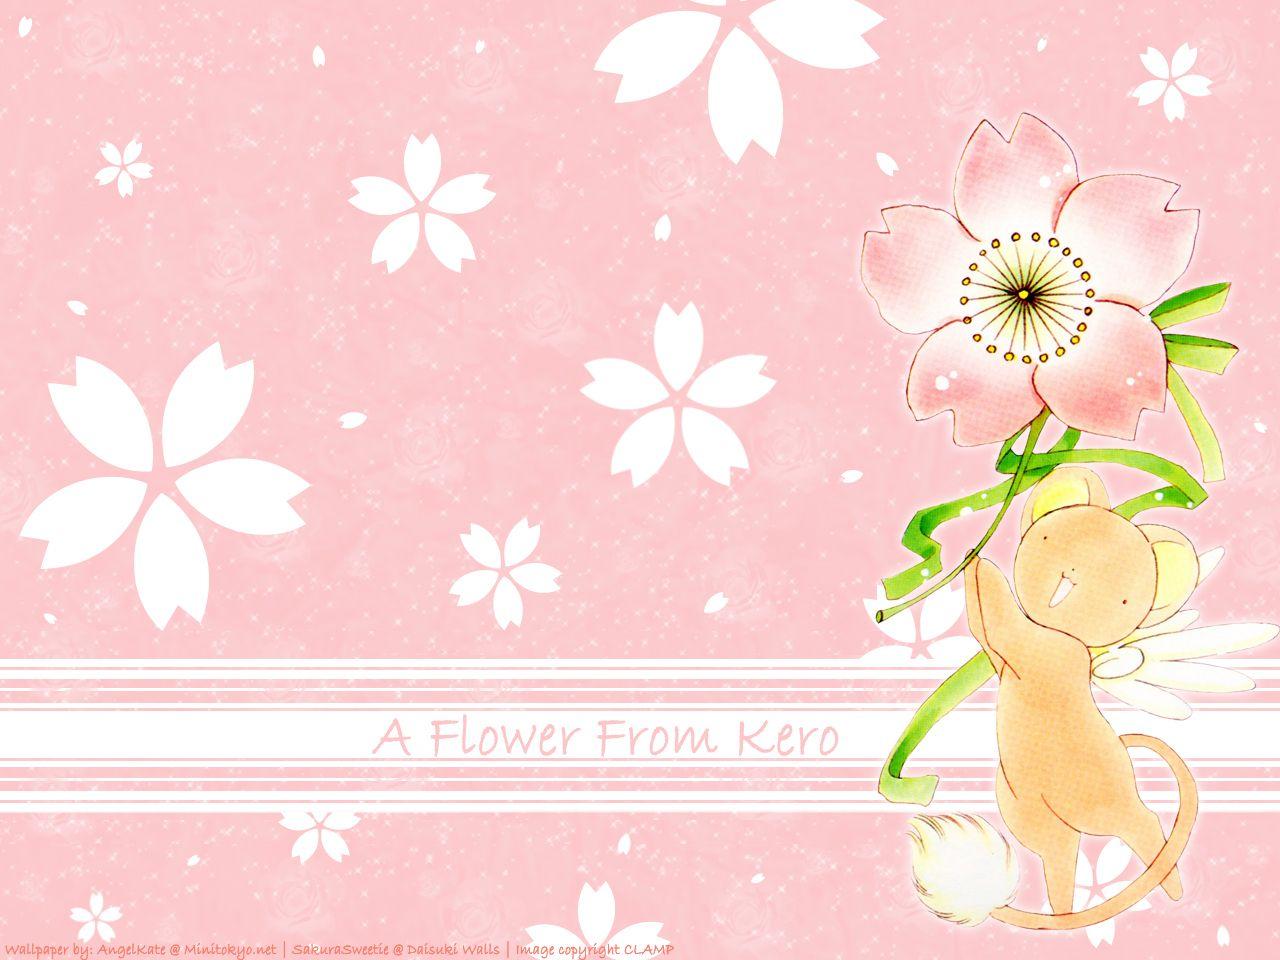 Cardcaptor Sakura Wallpaper A Flower From Kero Sakura Cardcaptor Sakura Wallpaper